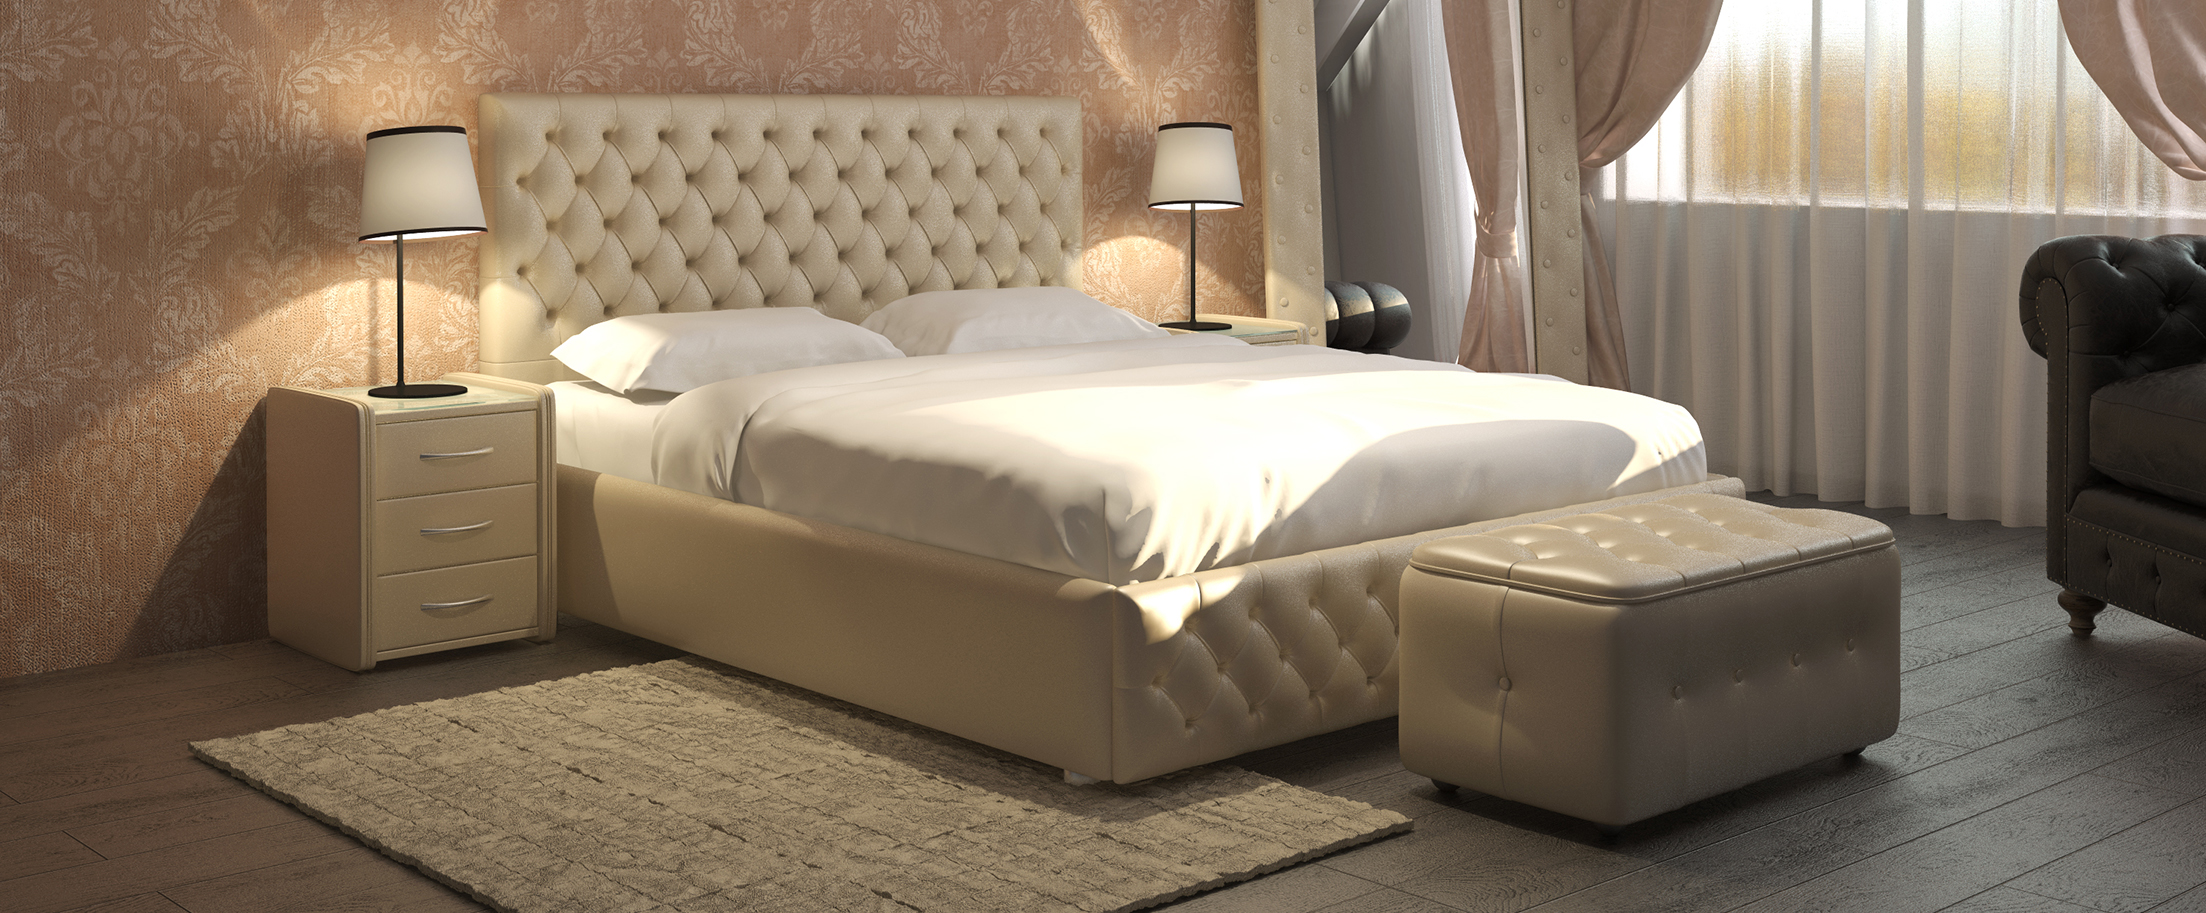 Кровать двуспальная Купол Тысячелетия Модель 385Роскошная кровать с глубокими утяжками на спинке и передней царге сочетает в себе романтику и комфорт, нежность и уверенную в себе красоту. Создаст неповторимую атмосферу уюта и спокойствия в Вашей спальне.<br><br>Ширина см: 195<br>Глубина см: 218<br>Высота см: 110<br>Ширина спального места см: 180<br>Длина спального места см: 200<br>Подъемный механизм: Есть<br>Материал каркаса: ДСП<br>Материал обивки: Экокожа<br>Цвет: Бежевый<br>Код ткани: Рожь<br>Бренд: Другие